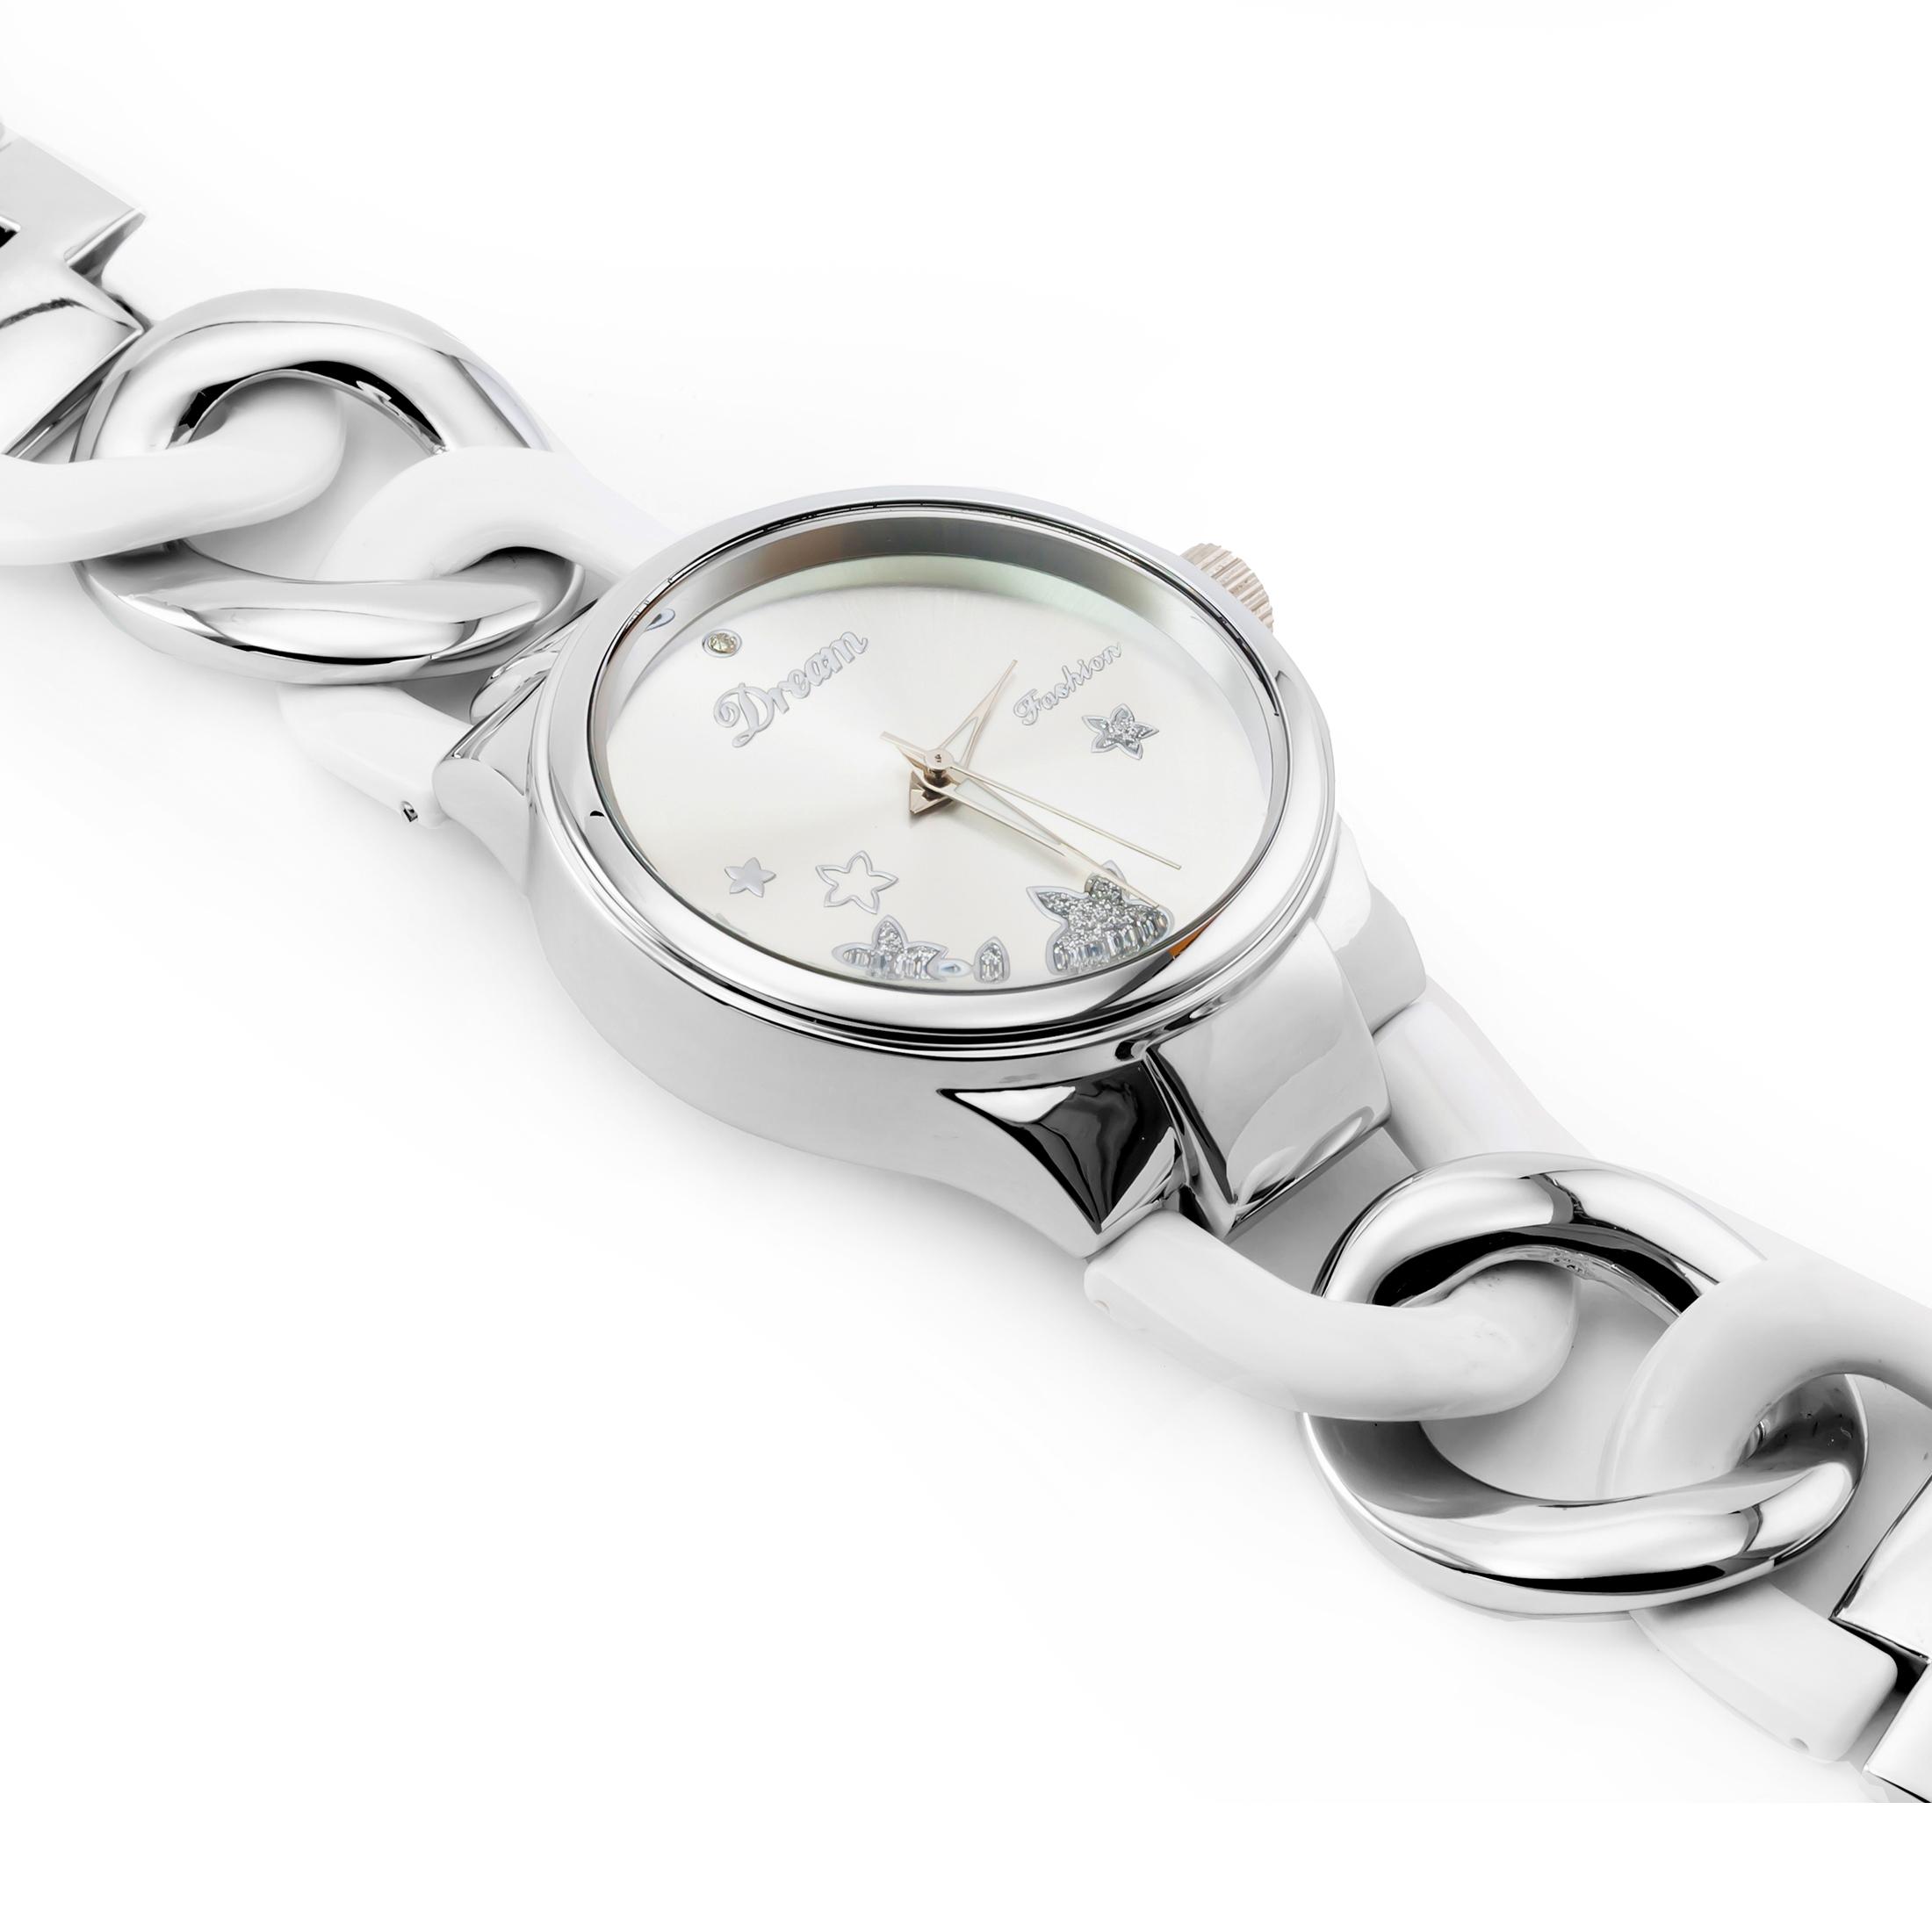 ساعت مچی عقربه ای زنانه دریم کد 0091              ارزان